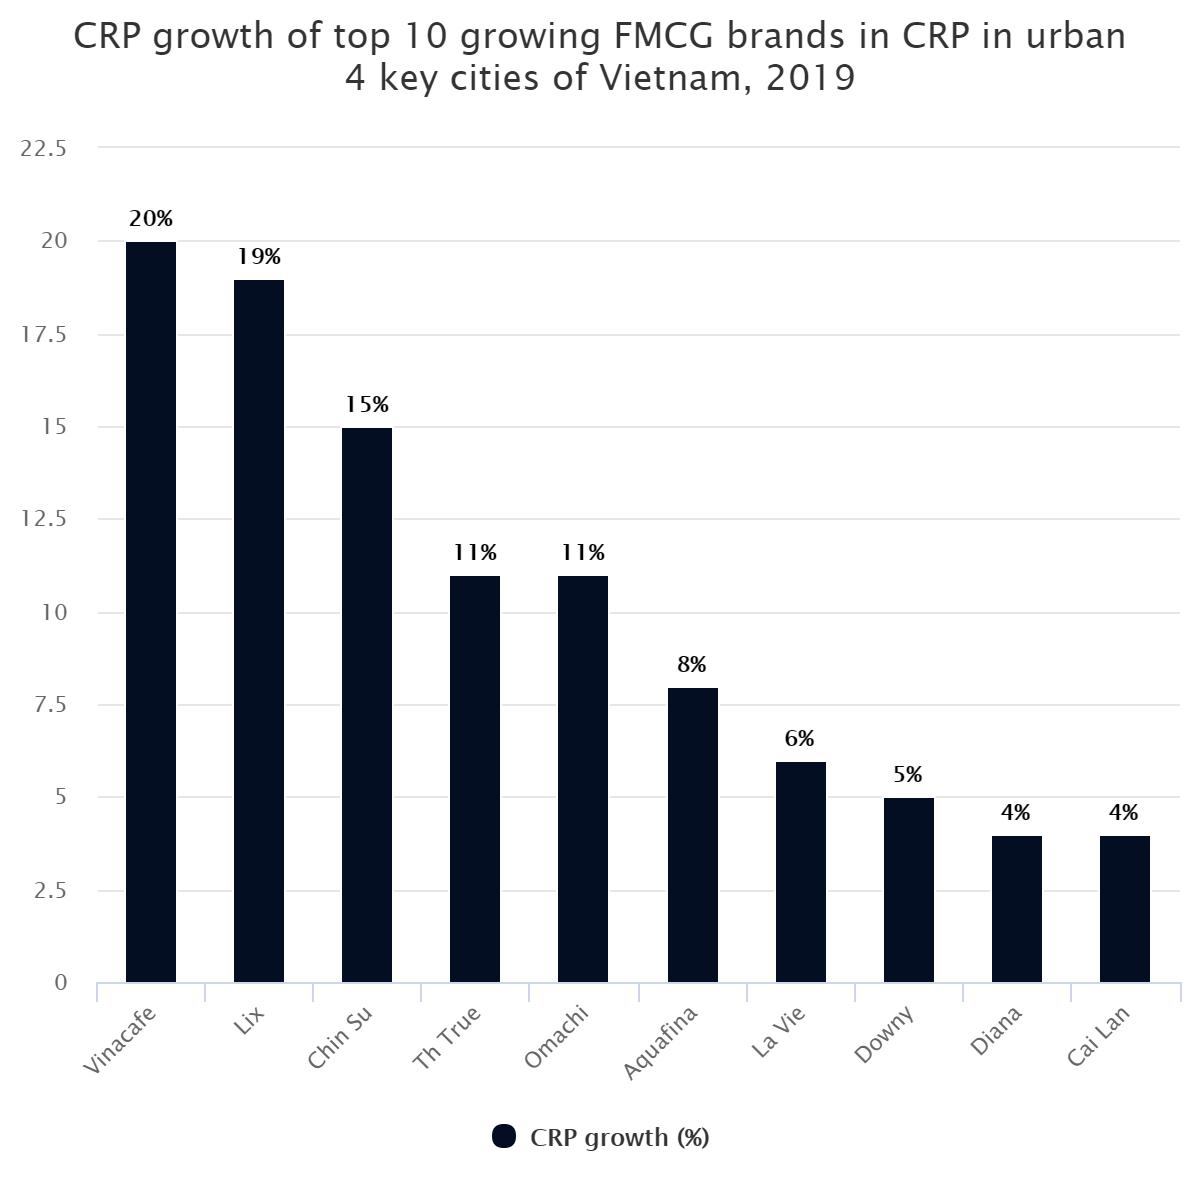 CRP growth of top 10 growing FMCG brands in CRP in urban 4 key cities of Vietnam, 2019